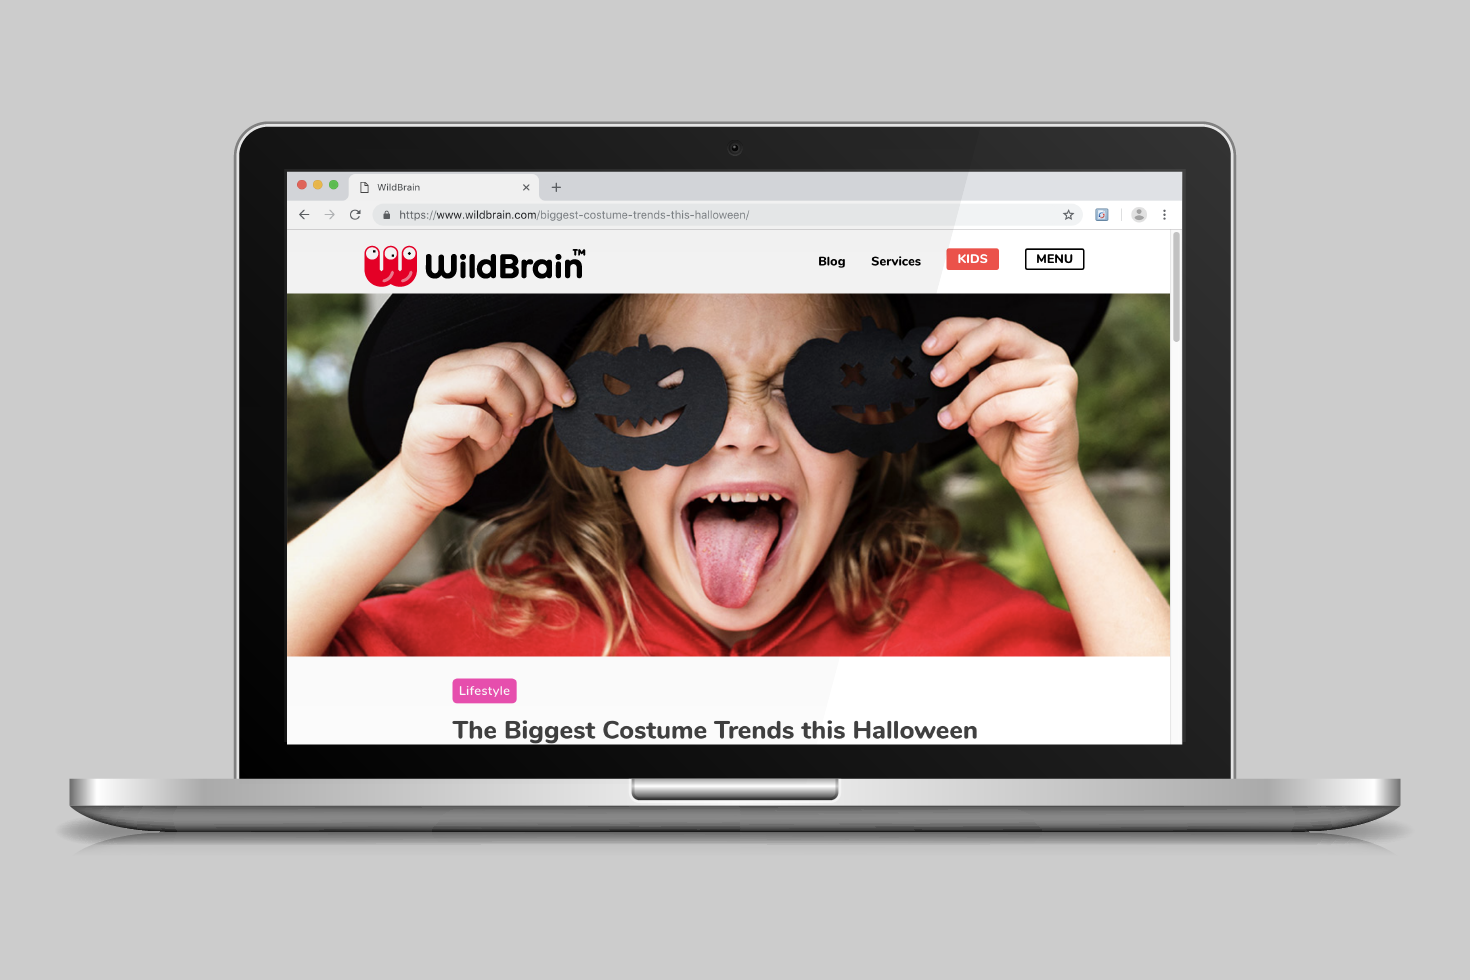 WildBrain website